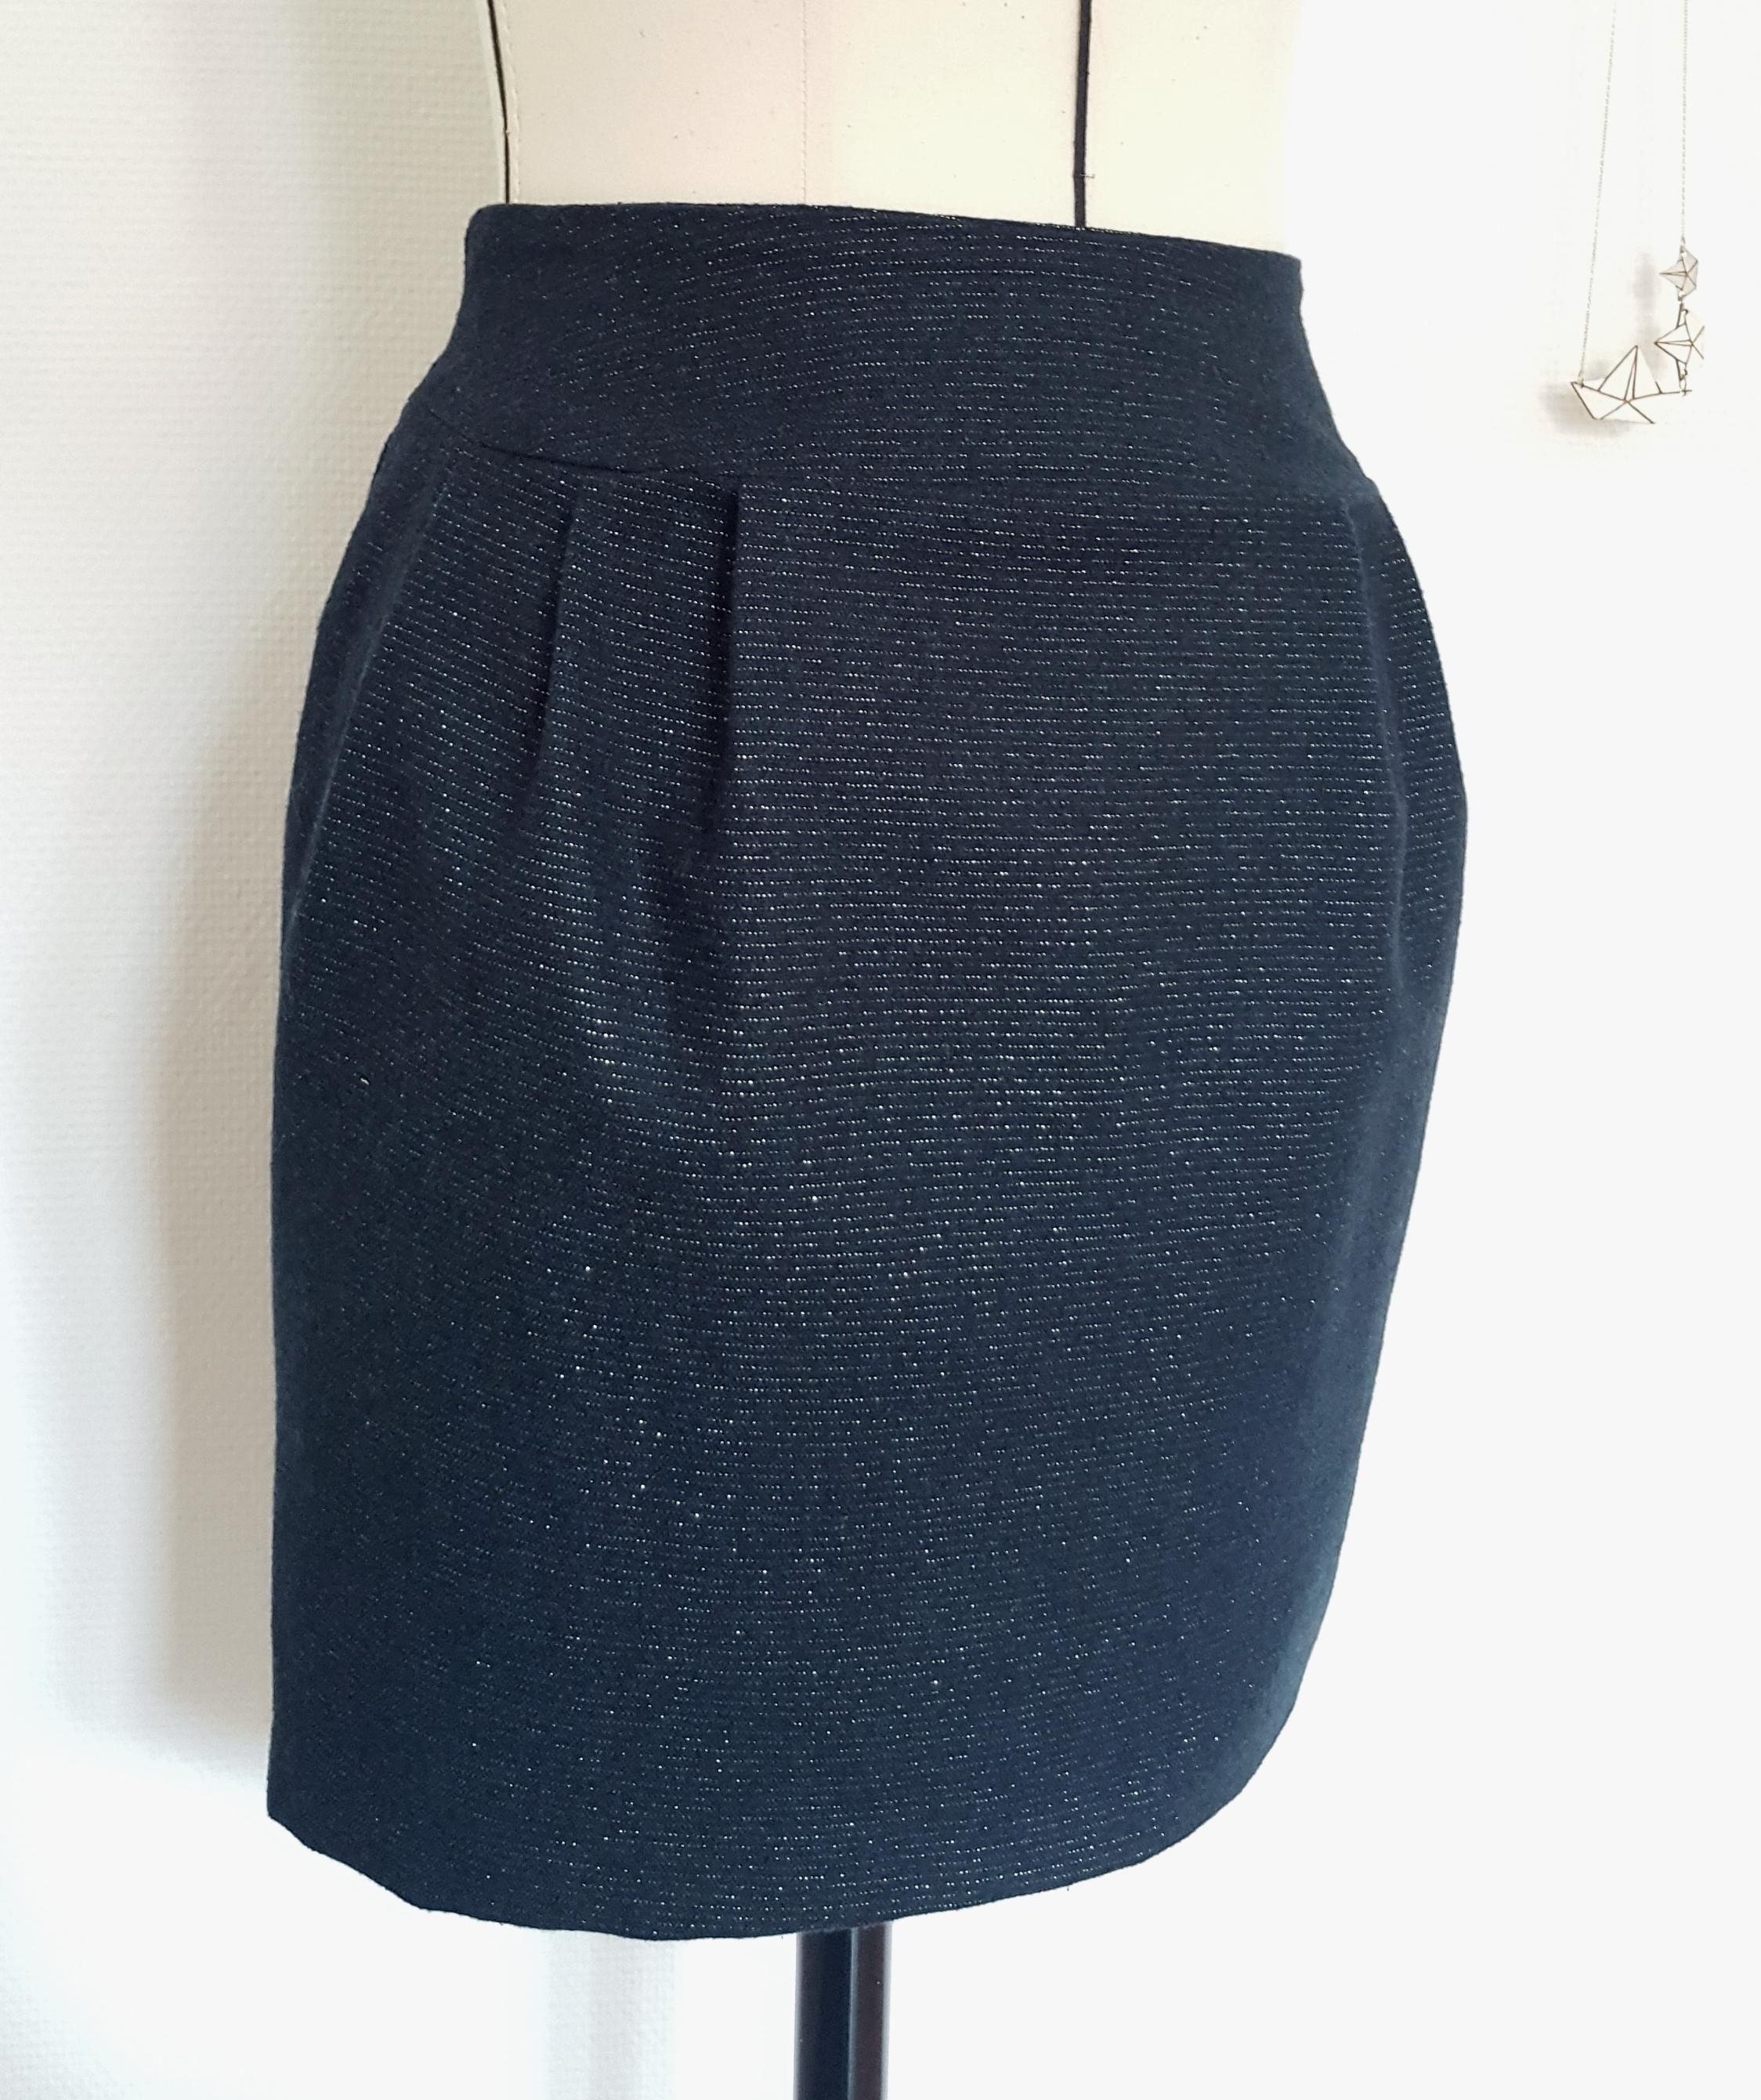 La jupe (de l'arabe joubba pour long vêtement de laine) est un vêtement unisexe fixé au niveau des hanches ou de la taille pour couvrir tout ou une partie du bas du corps sans division pour chaque jambe et sans qu'en principe les bords inférieurs soient refermés.. Selon les cultures, la jupe est portée préférentiellement par les hommes (kilt, sapeta, sarong, etc.) ou par les femmes.